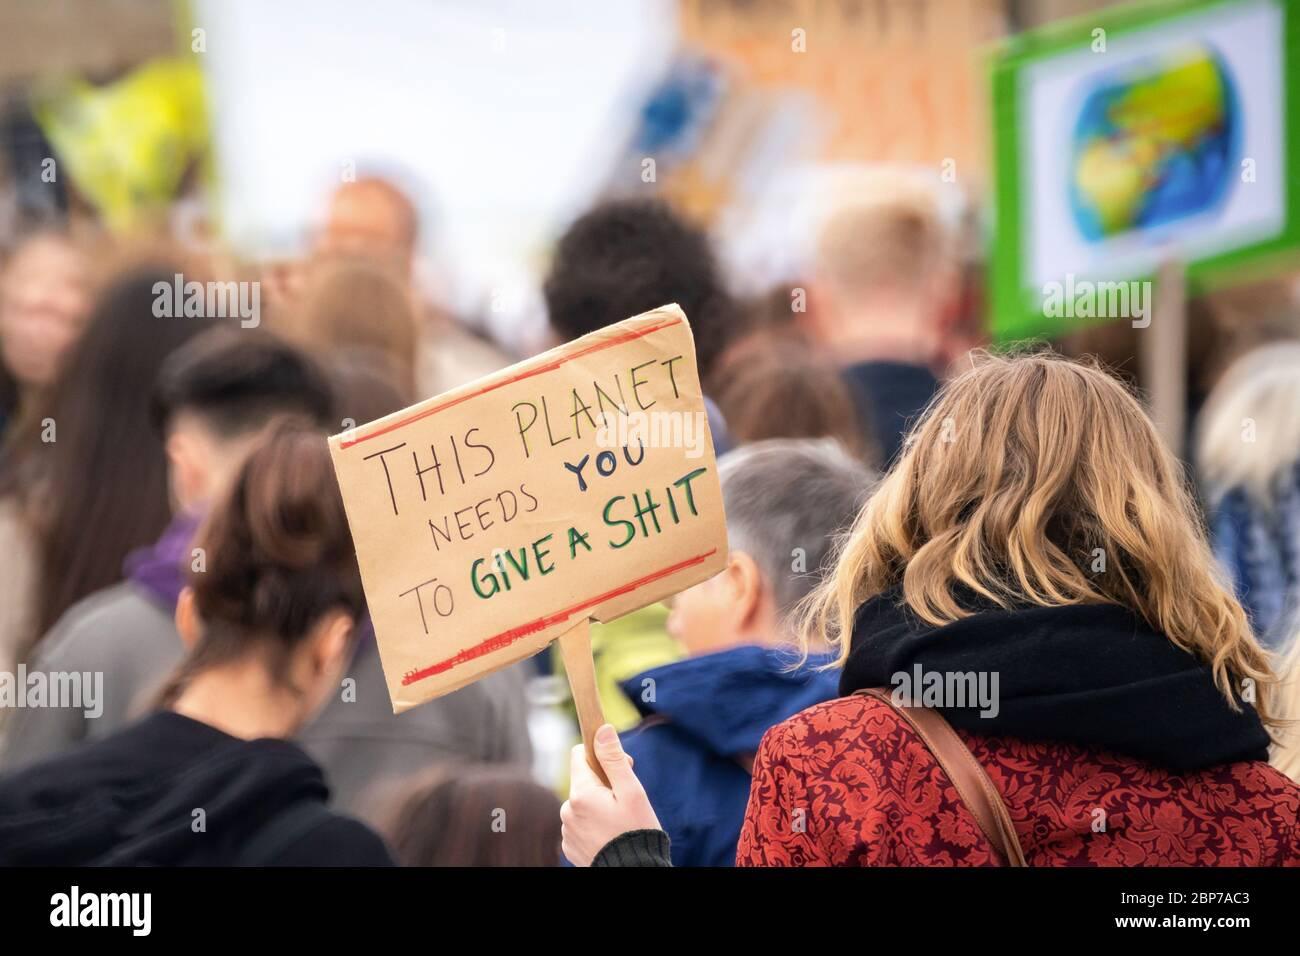 Am Brandenburger Tor - Pariser Platz - in Berlin demonstrieren Schülerinnen und Schüler freitags mit Protestplakaten für den zukünftigen Klimastreik. Stockfoto